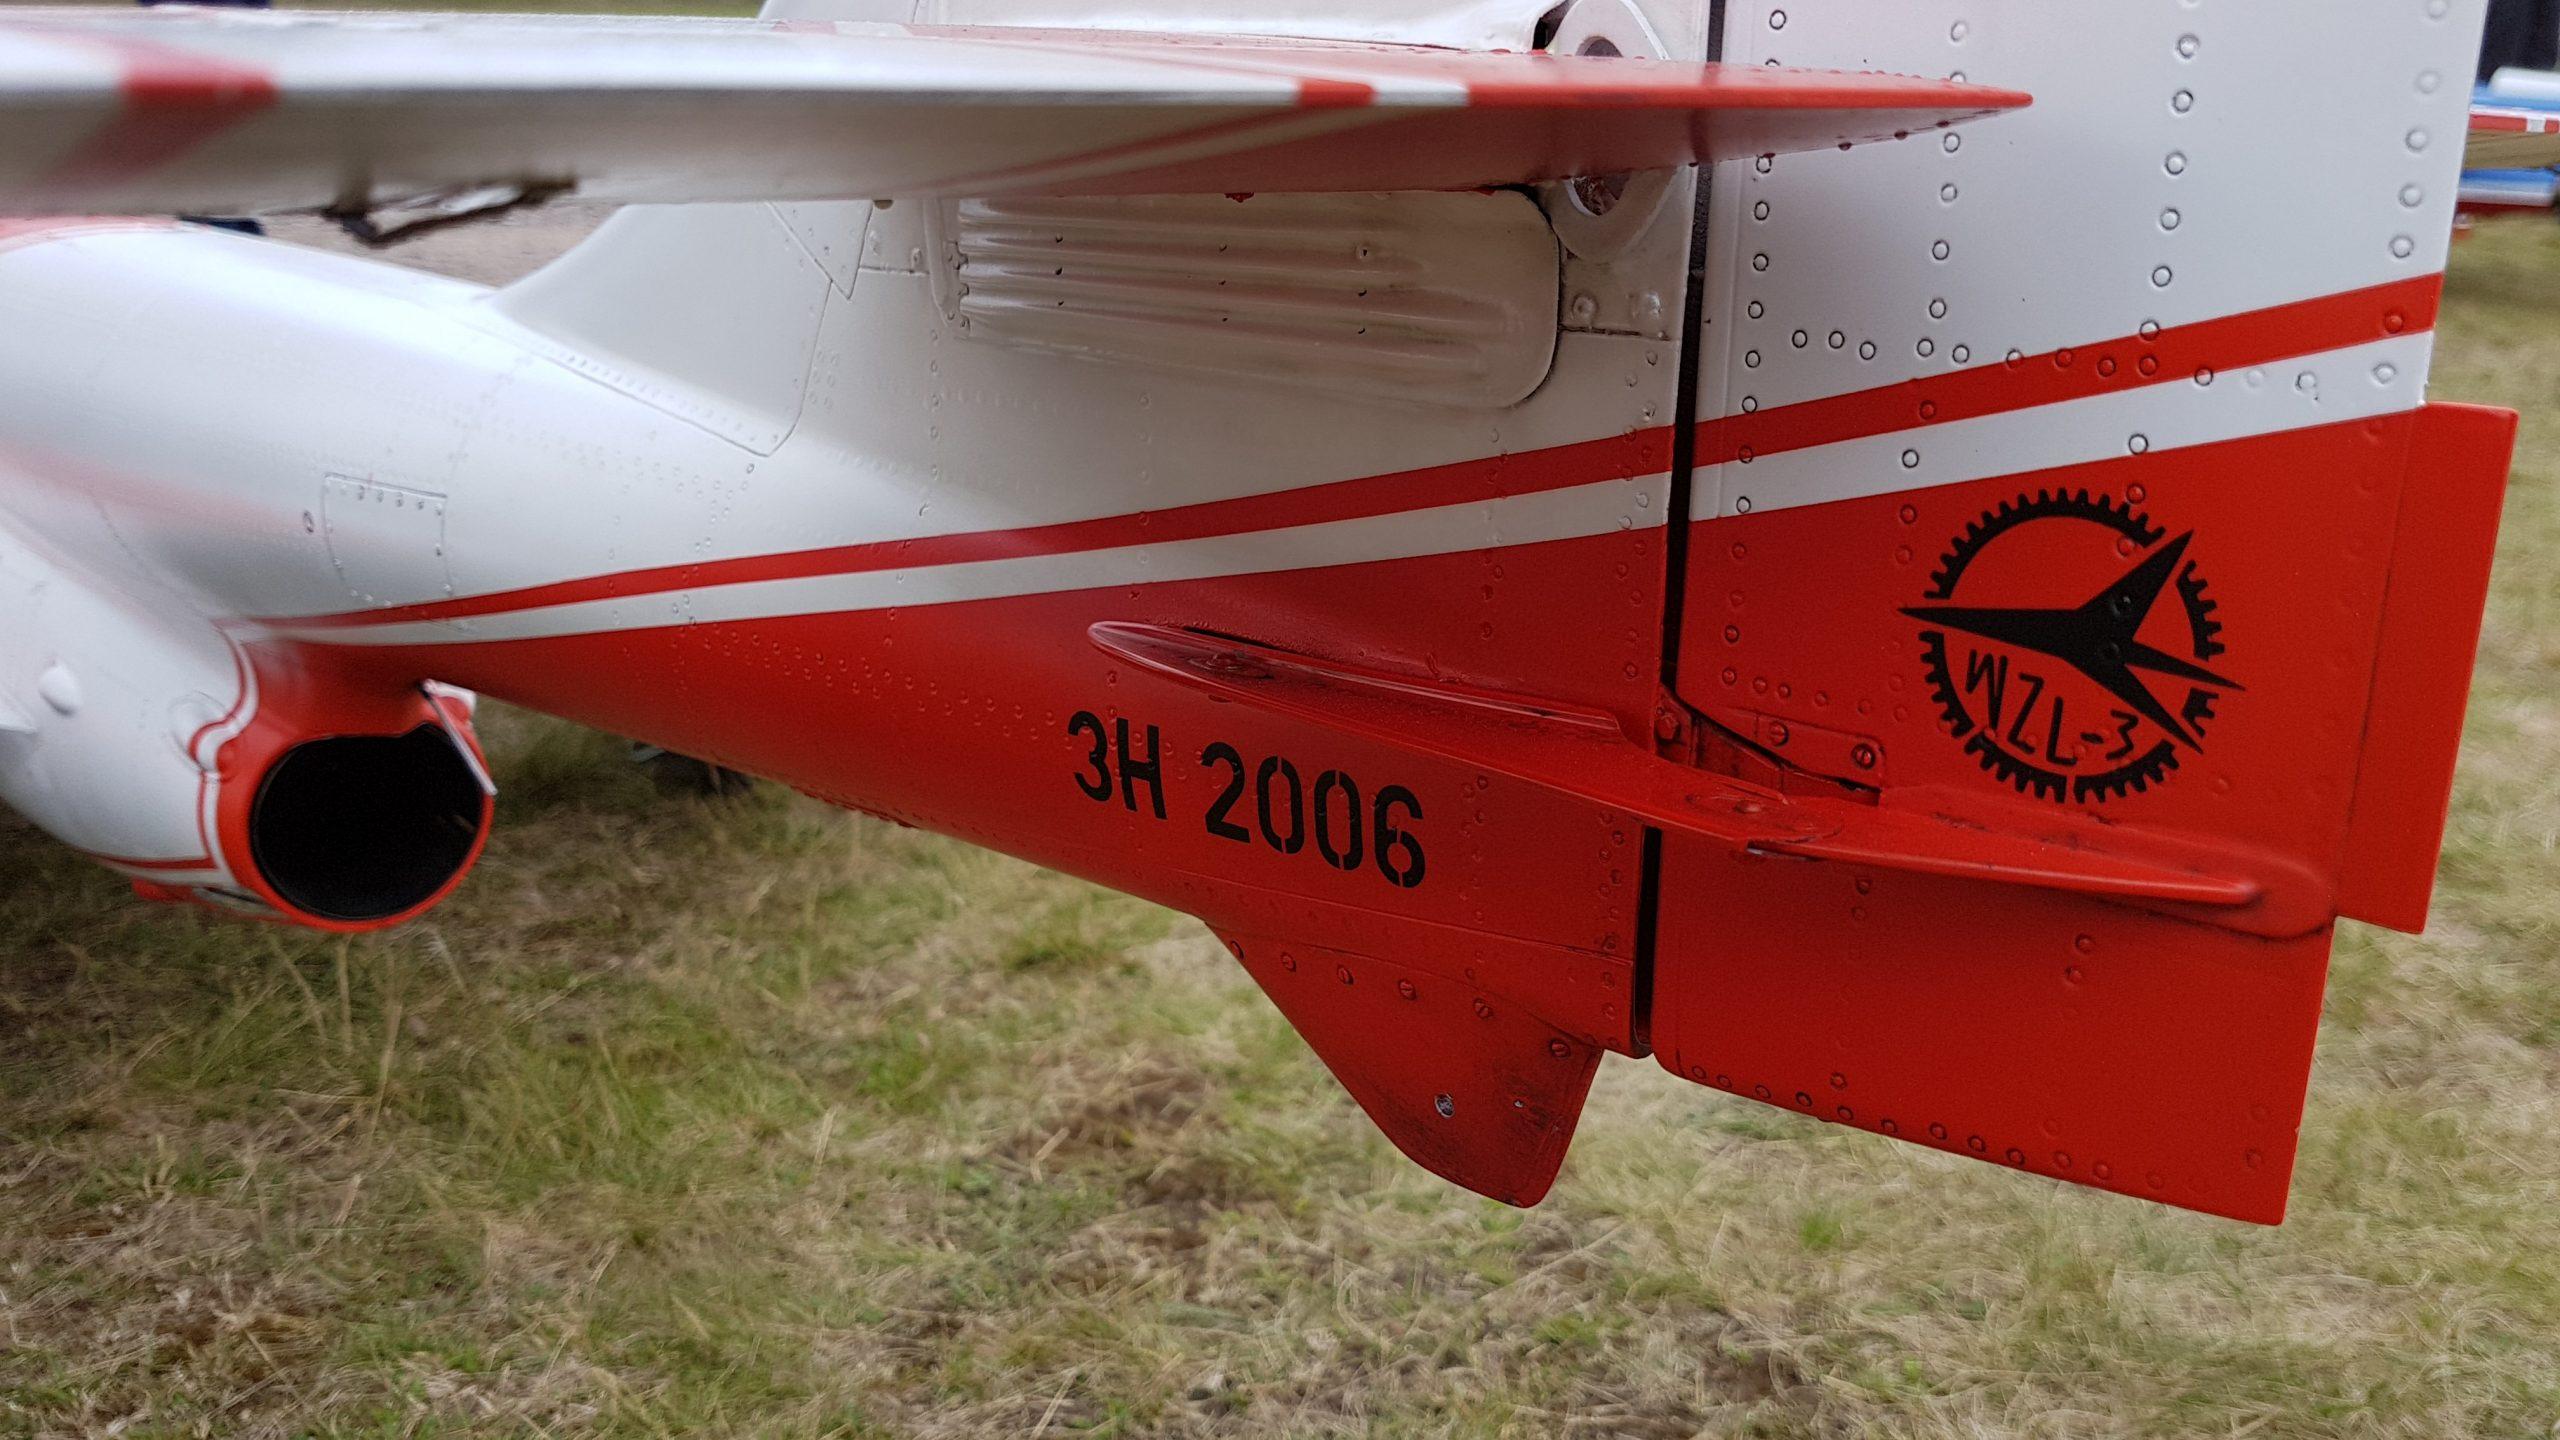 TS-11 Iskra Paritech GmbH